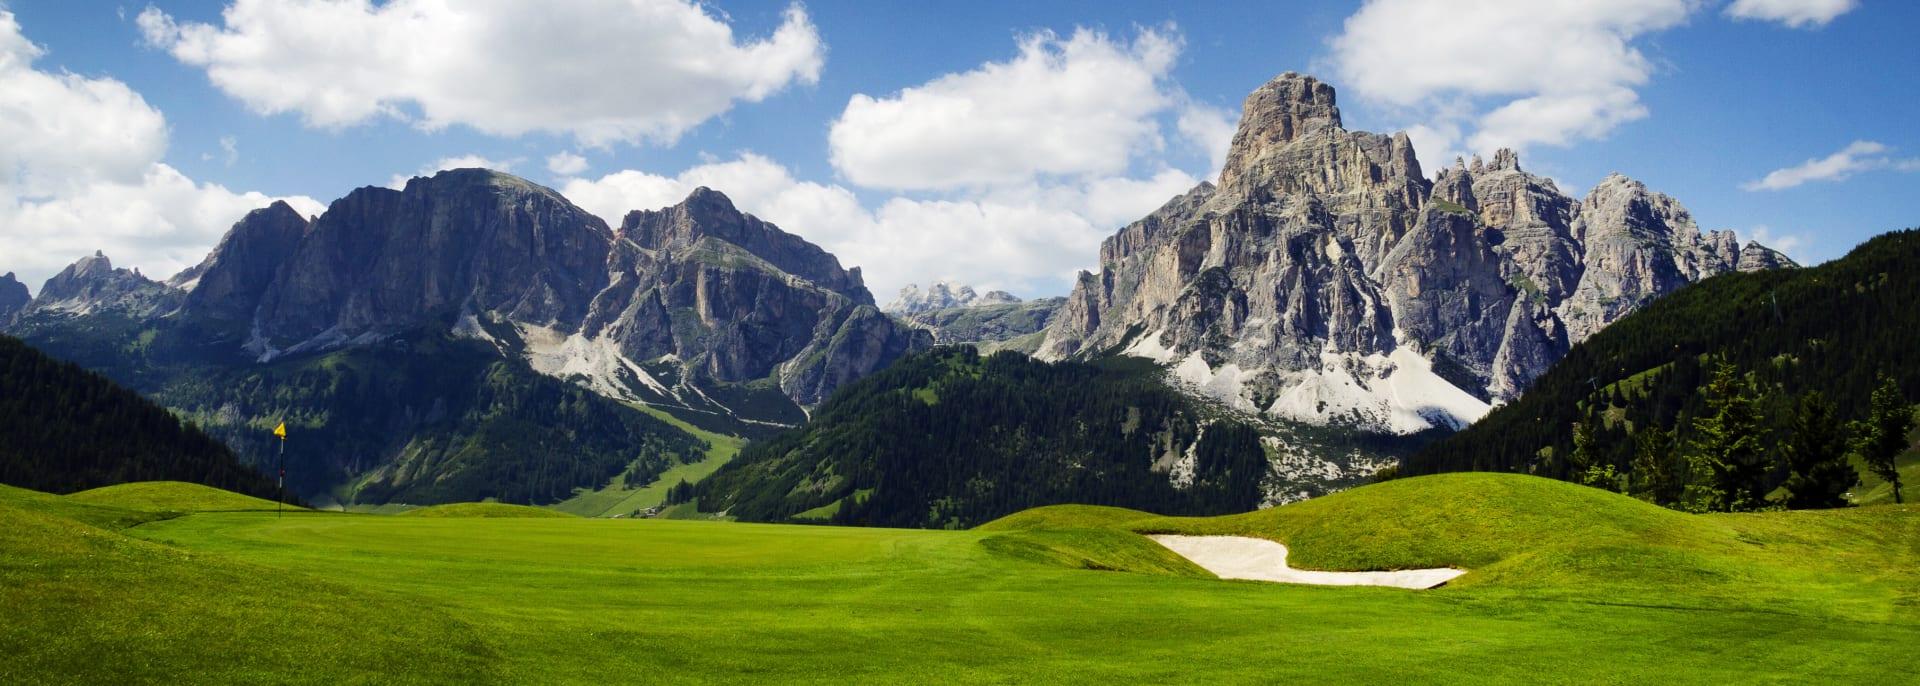 Italien, Golfreisen, Knecht Reisen